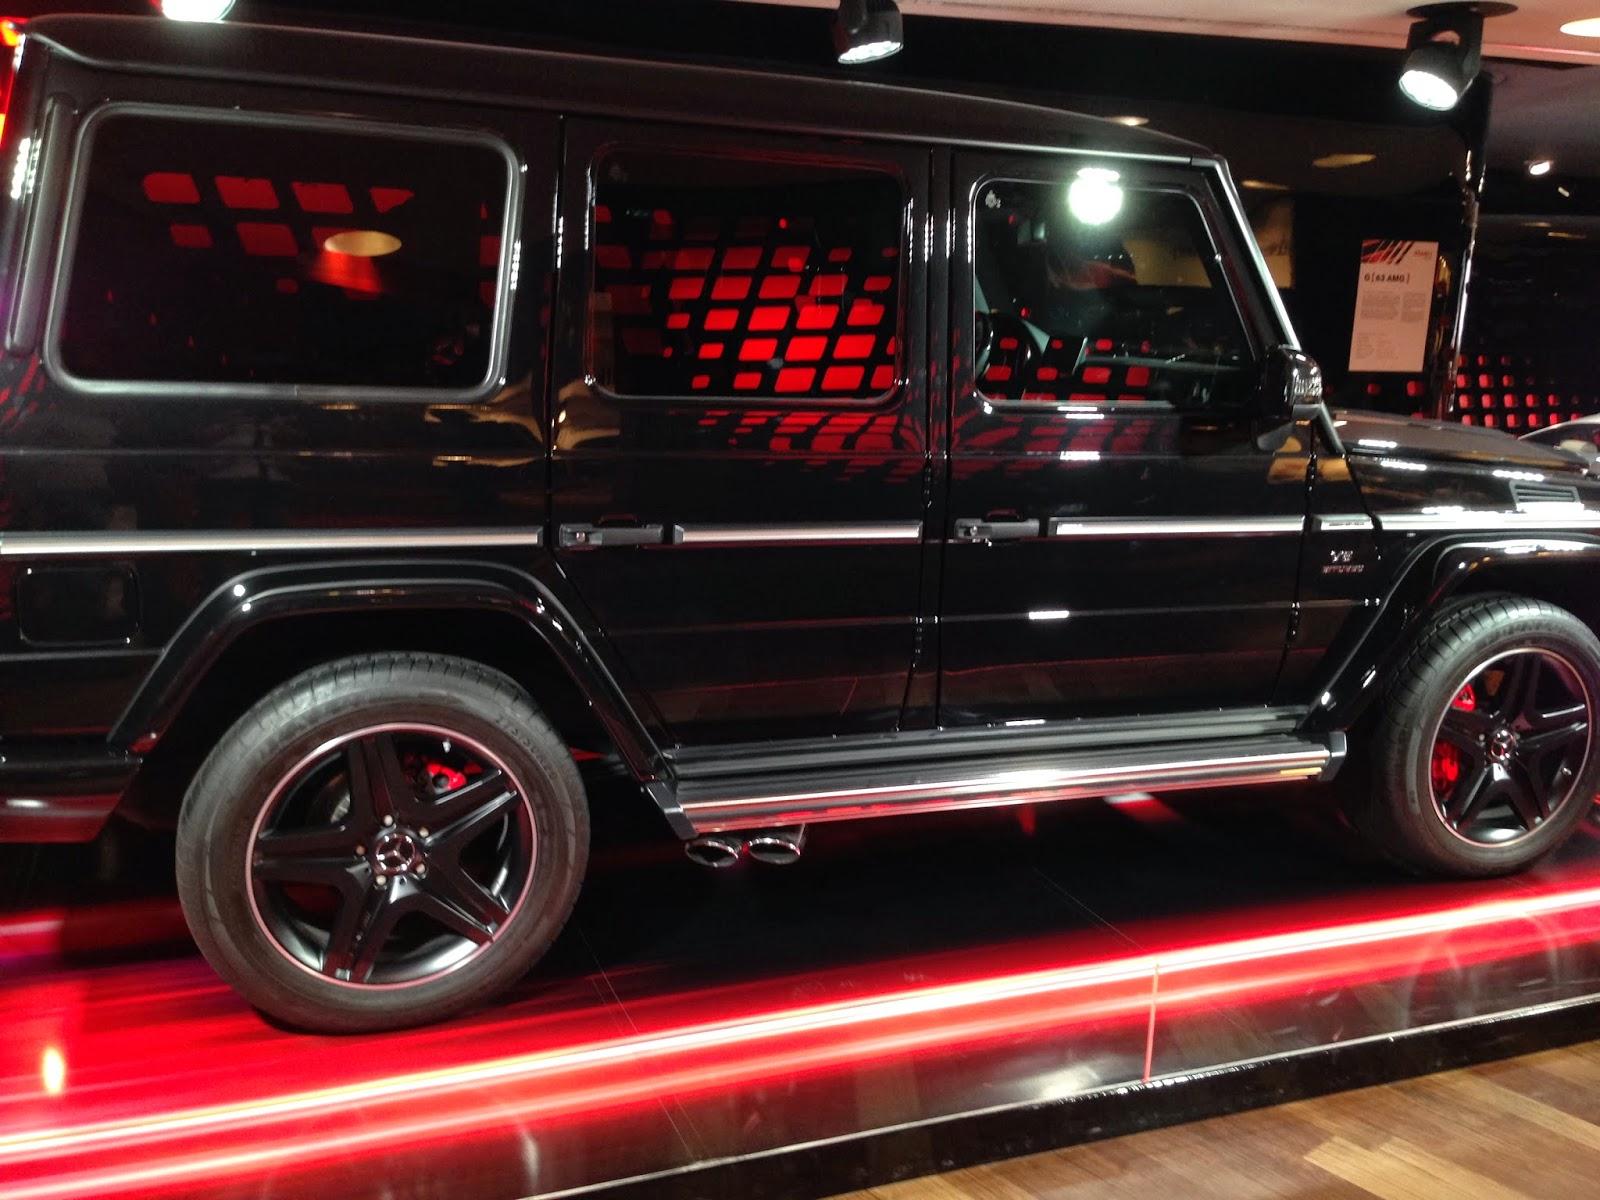 exotic cars. Black Bedroom Furniture Sets. Home Design Ideas